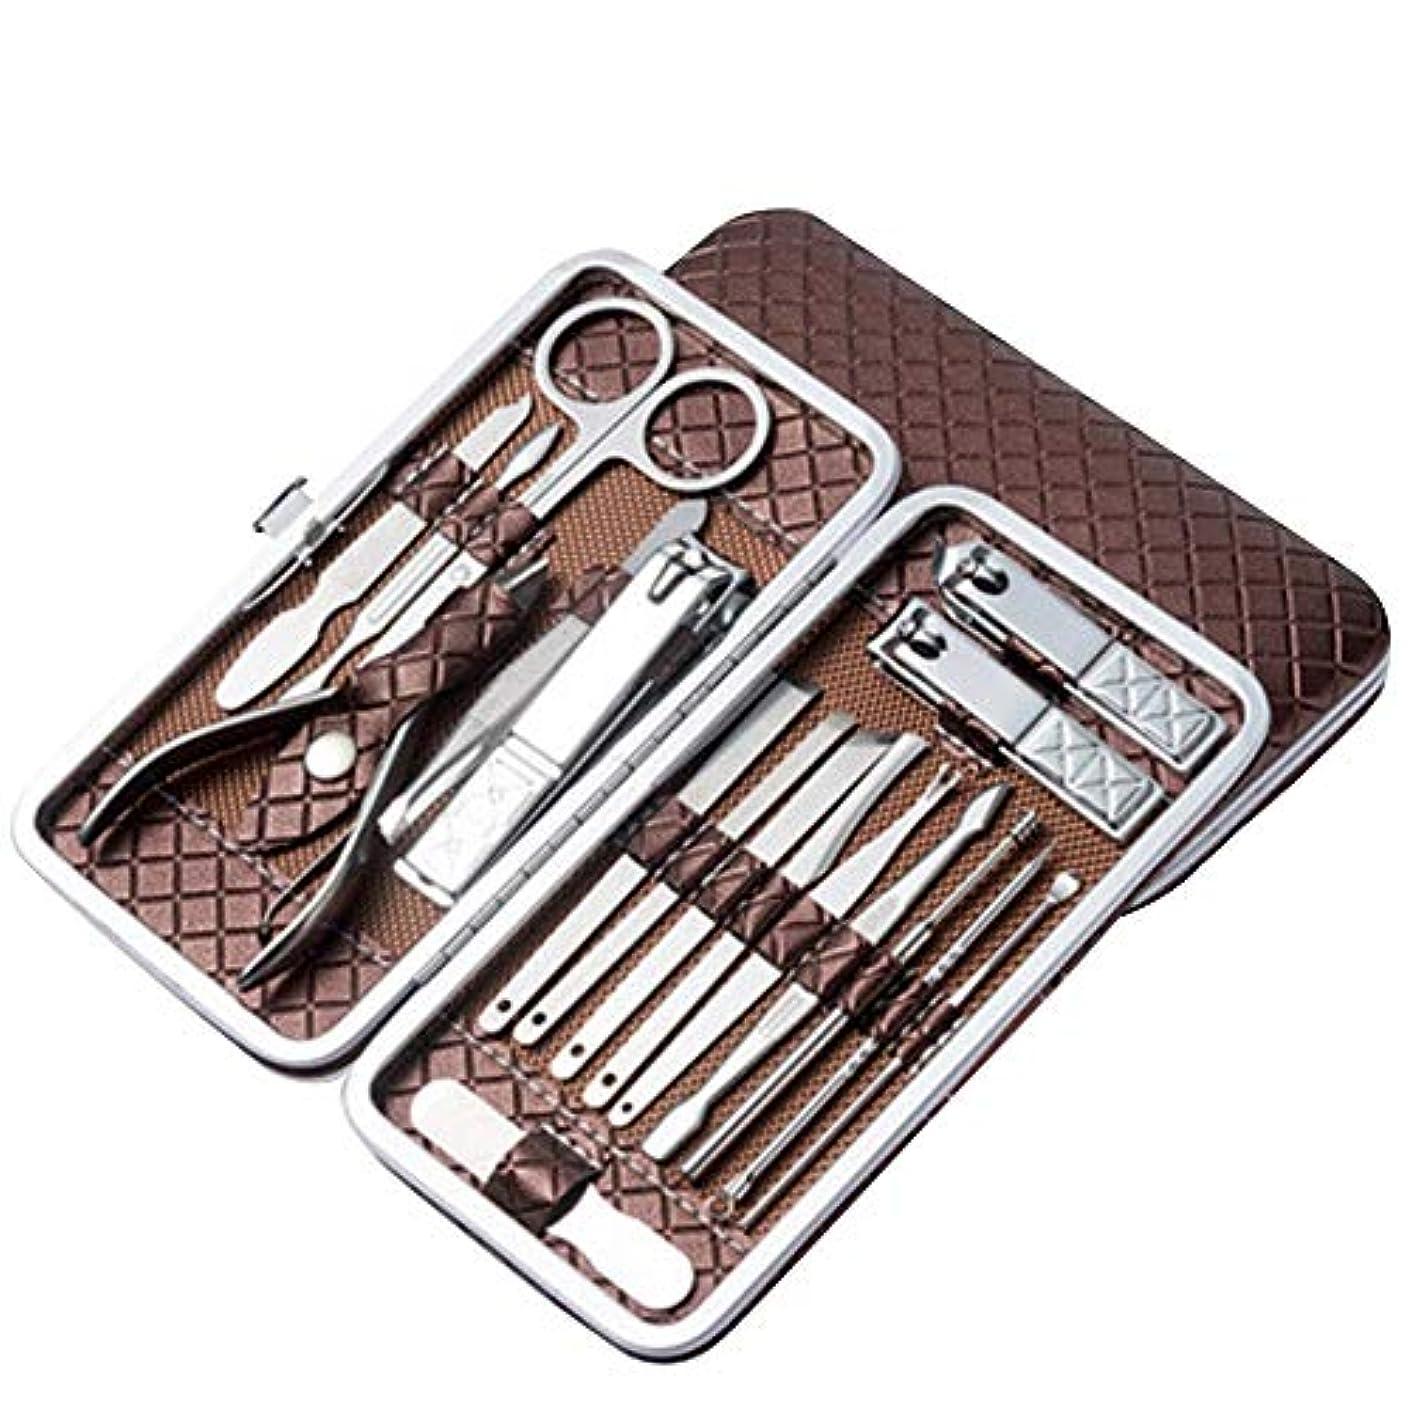 快適シャイニング社会BOZEVON ネイルケア18点セット-多機能ステンレス製爪切りセットグルーミングキット, ブラウン